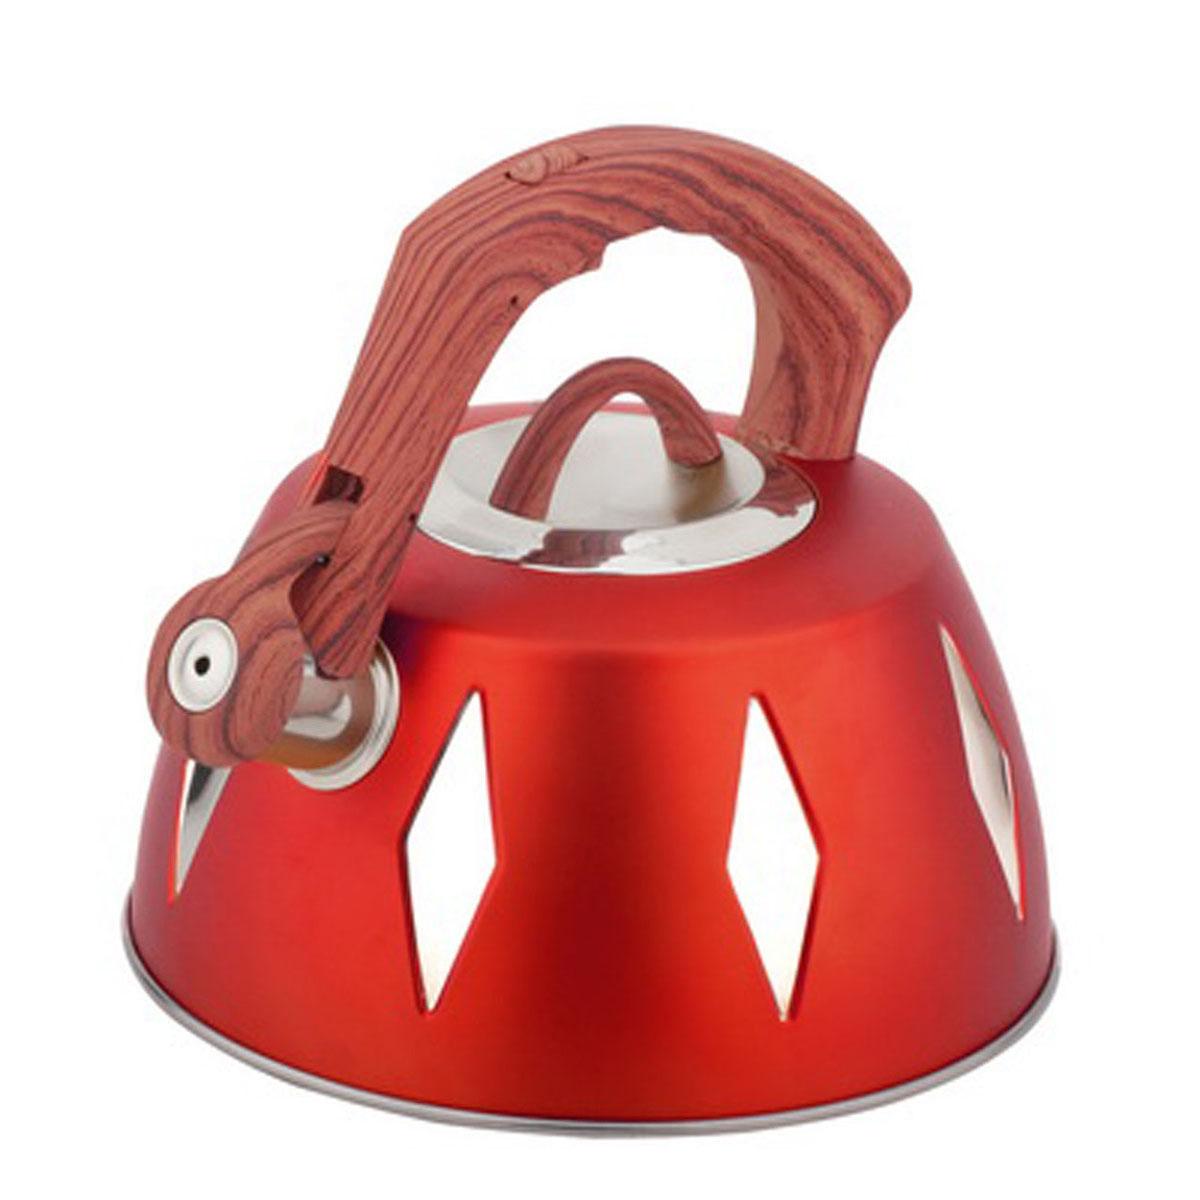 Чайник Bohmann со свистком, 3,5 л, цвет: красный115510Чайник Bohmann изготовлен из высококачественной нержавеющей стали с цветным матовым покрытием. Нержавеющая сталь - материал, из которого в течение нескольких десятилетий во всем мире производятся столовые приборы, кухонные инструменты и различные аксессуары. Этот материал обладает высокой стойкостью к коррозии и кислотам. Прочность, долговечность и надежность этого материала, а также первоклассная обработка обеспечивают практически неограниченный запас прочности и неизменно привлекательный внешний вид. Капсульное дно позволяет изделию быстро нагреваться и дольше сохранять тепло. Чайник оснащен фиксированной прорезиненной цветной ручкой, что предотвращает появление ожогов и обеспечивает безопасность использования. Носик чайника имеет откидной свисток, который подскажет, когда вода закипела. Можно использовать на газовых, электрических, галогенных, стеклокерамических, индукционных плитах. Можно мыть в посудомоечной машине. Высота чайника (без учета ручки и крышки): 11,2 см. Высота чайника (с учетом ручки): 20 см. Диаметр основания чайника: 22,3 см. Диаметр чайника (по верхнему краю): 9,5 см.